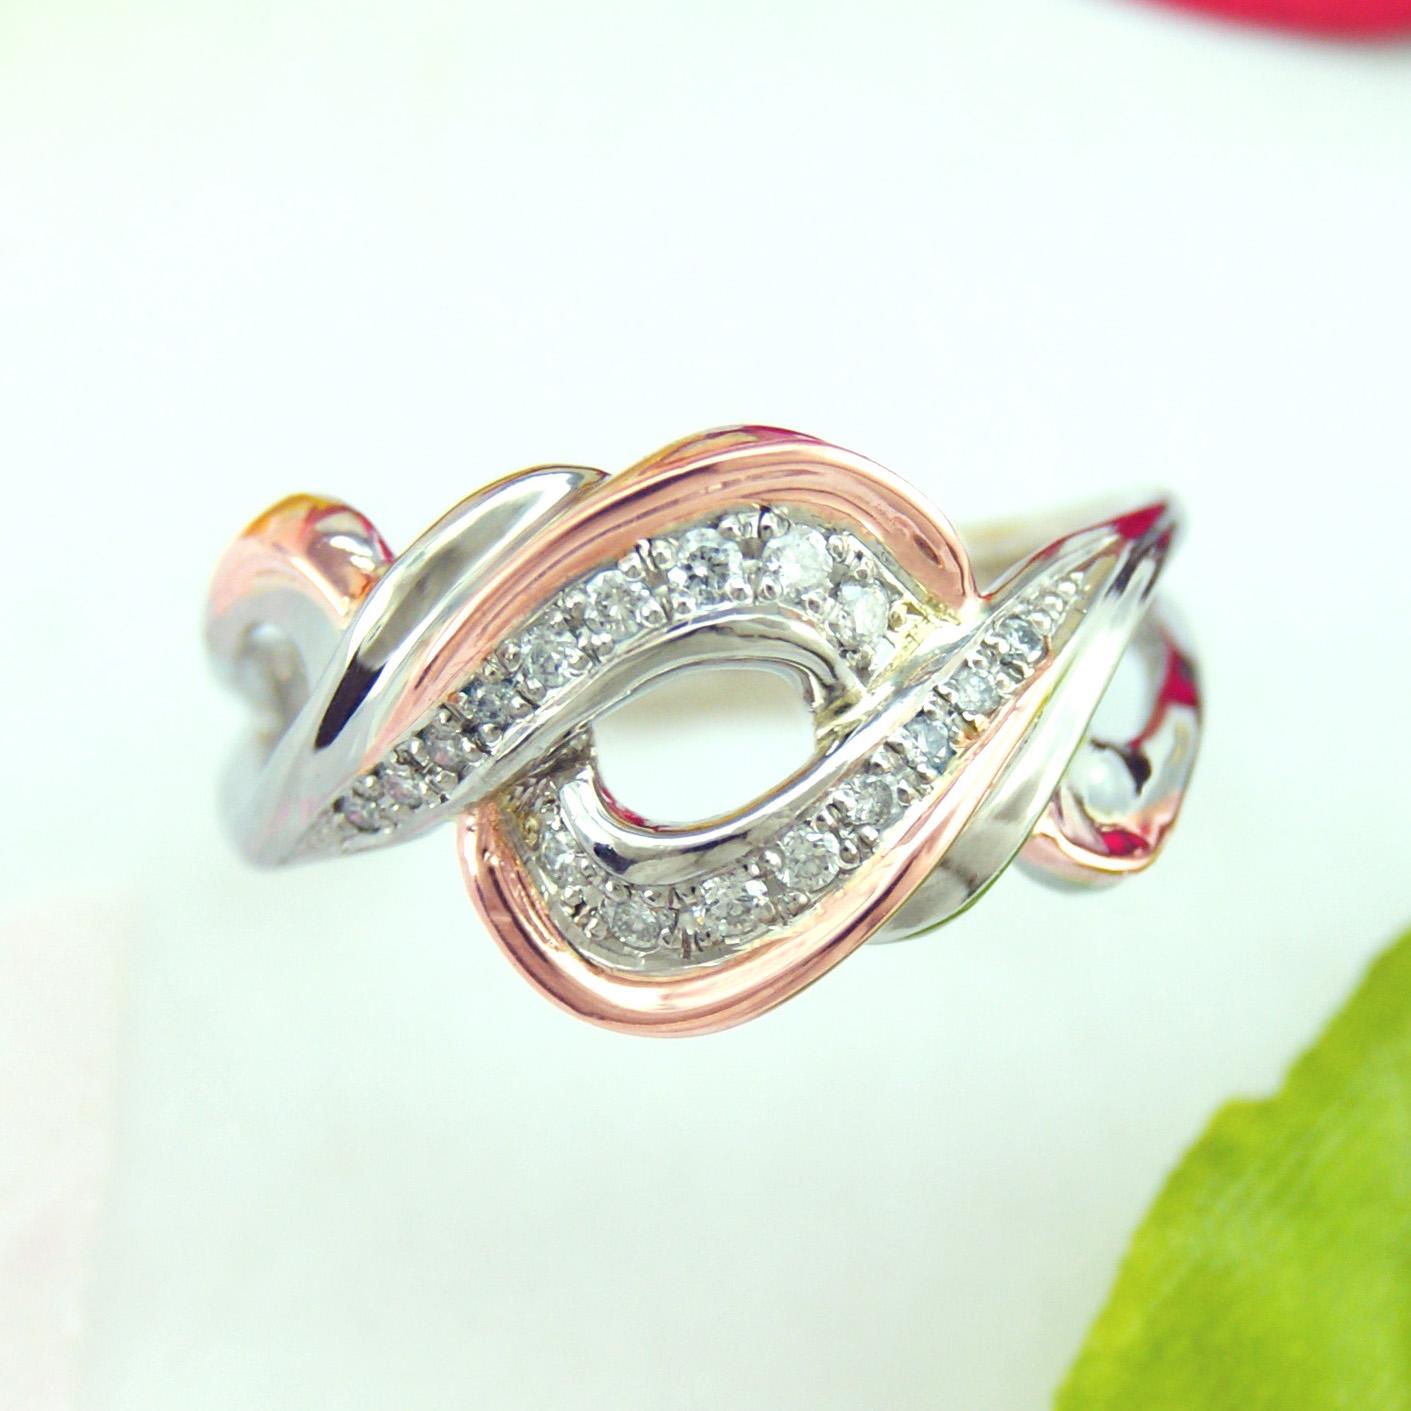 世界に一つだけの結婚指輪 kazariyaYui 福島県郡山市 ジュエリー オーダーメイド